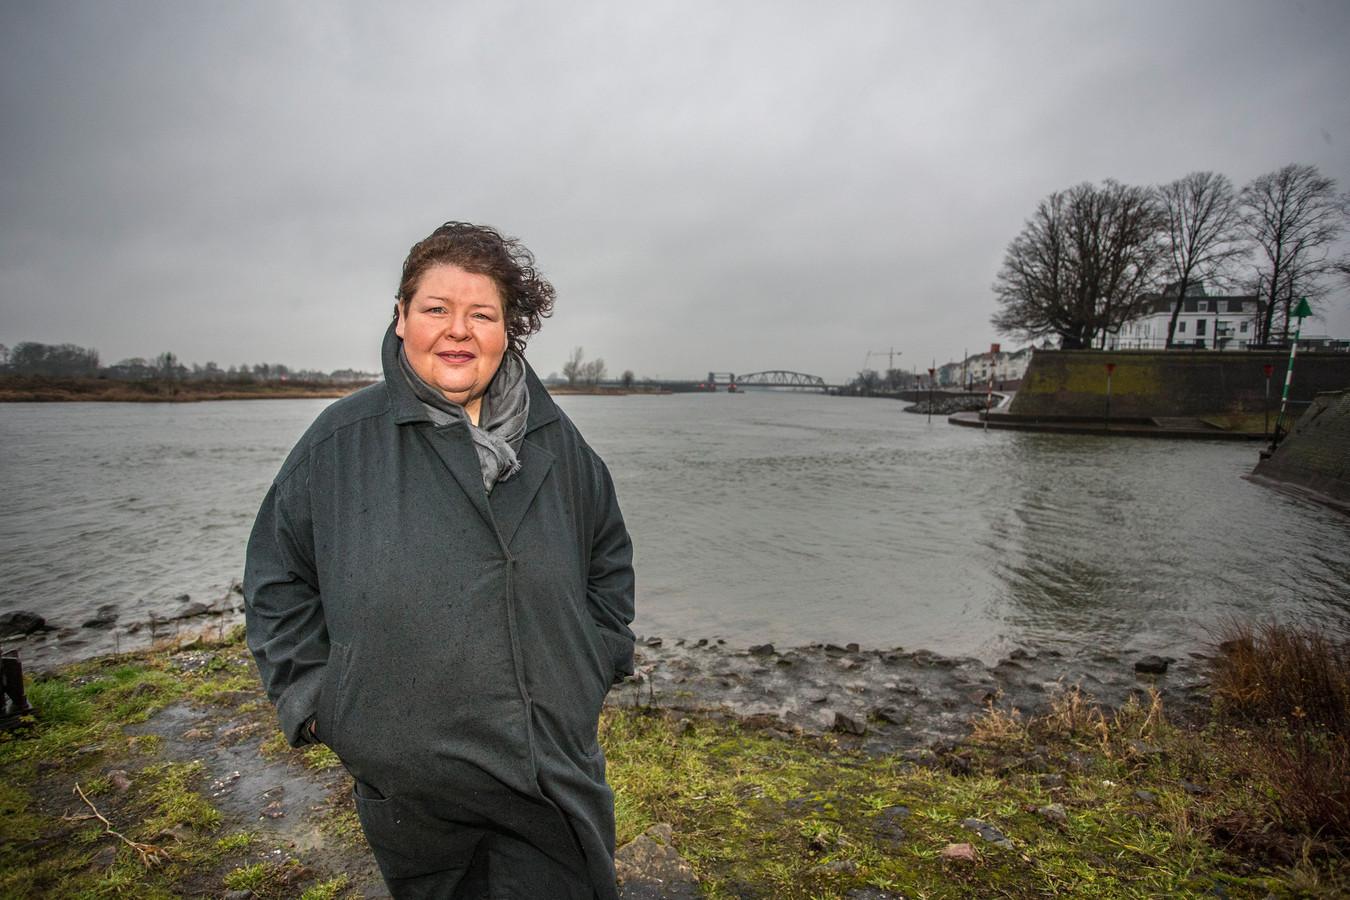 Hanneke Siebelink uit Zutphen verkoopt vanaf 2021 kleding gemaakt van plastic uit de IJssel. Voor haar kledinglijn 'River Fashion' gebruikt de Zutphense plastic afval uit de rivier.